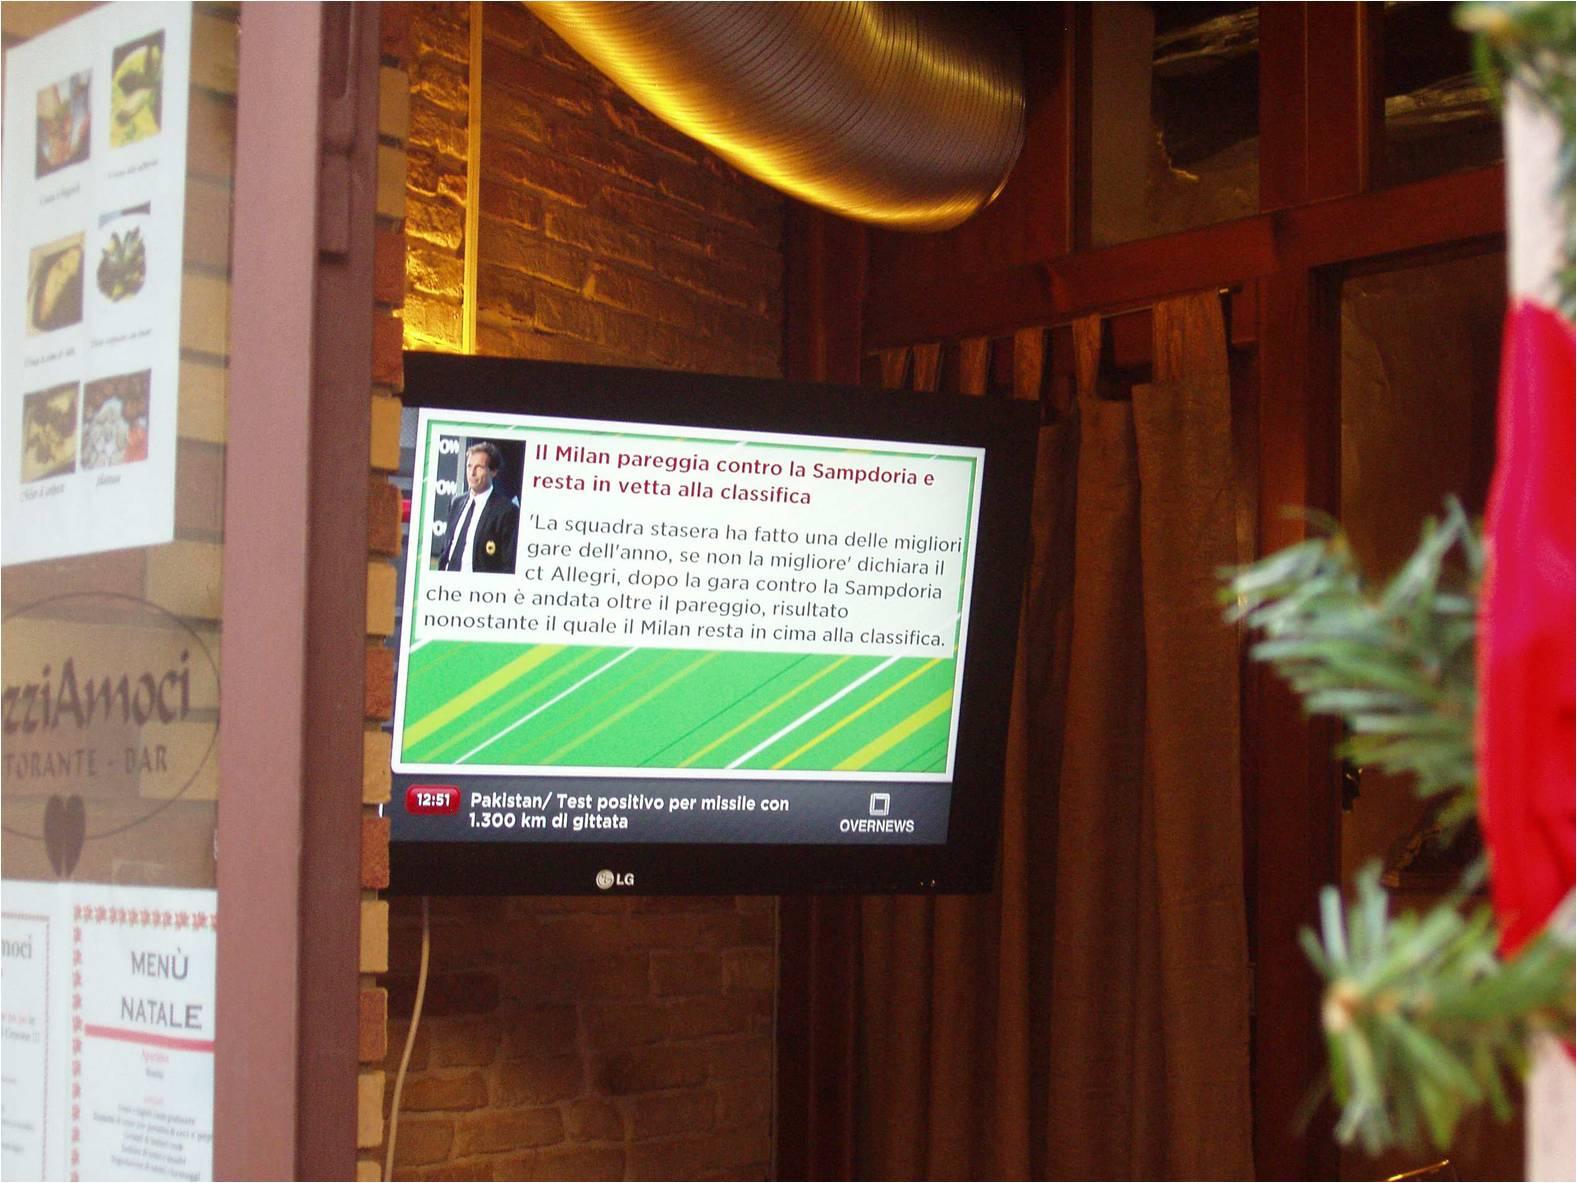 Cagliari: ristorante con display OverTv